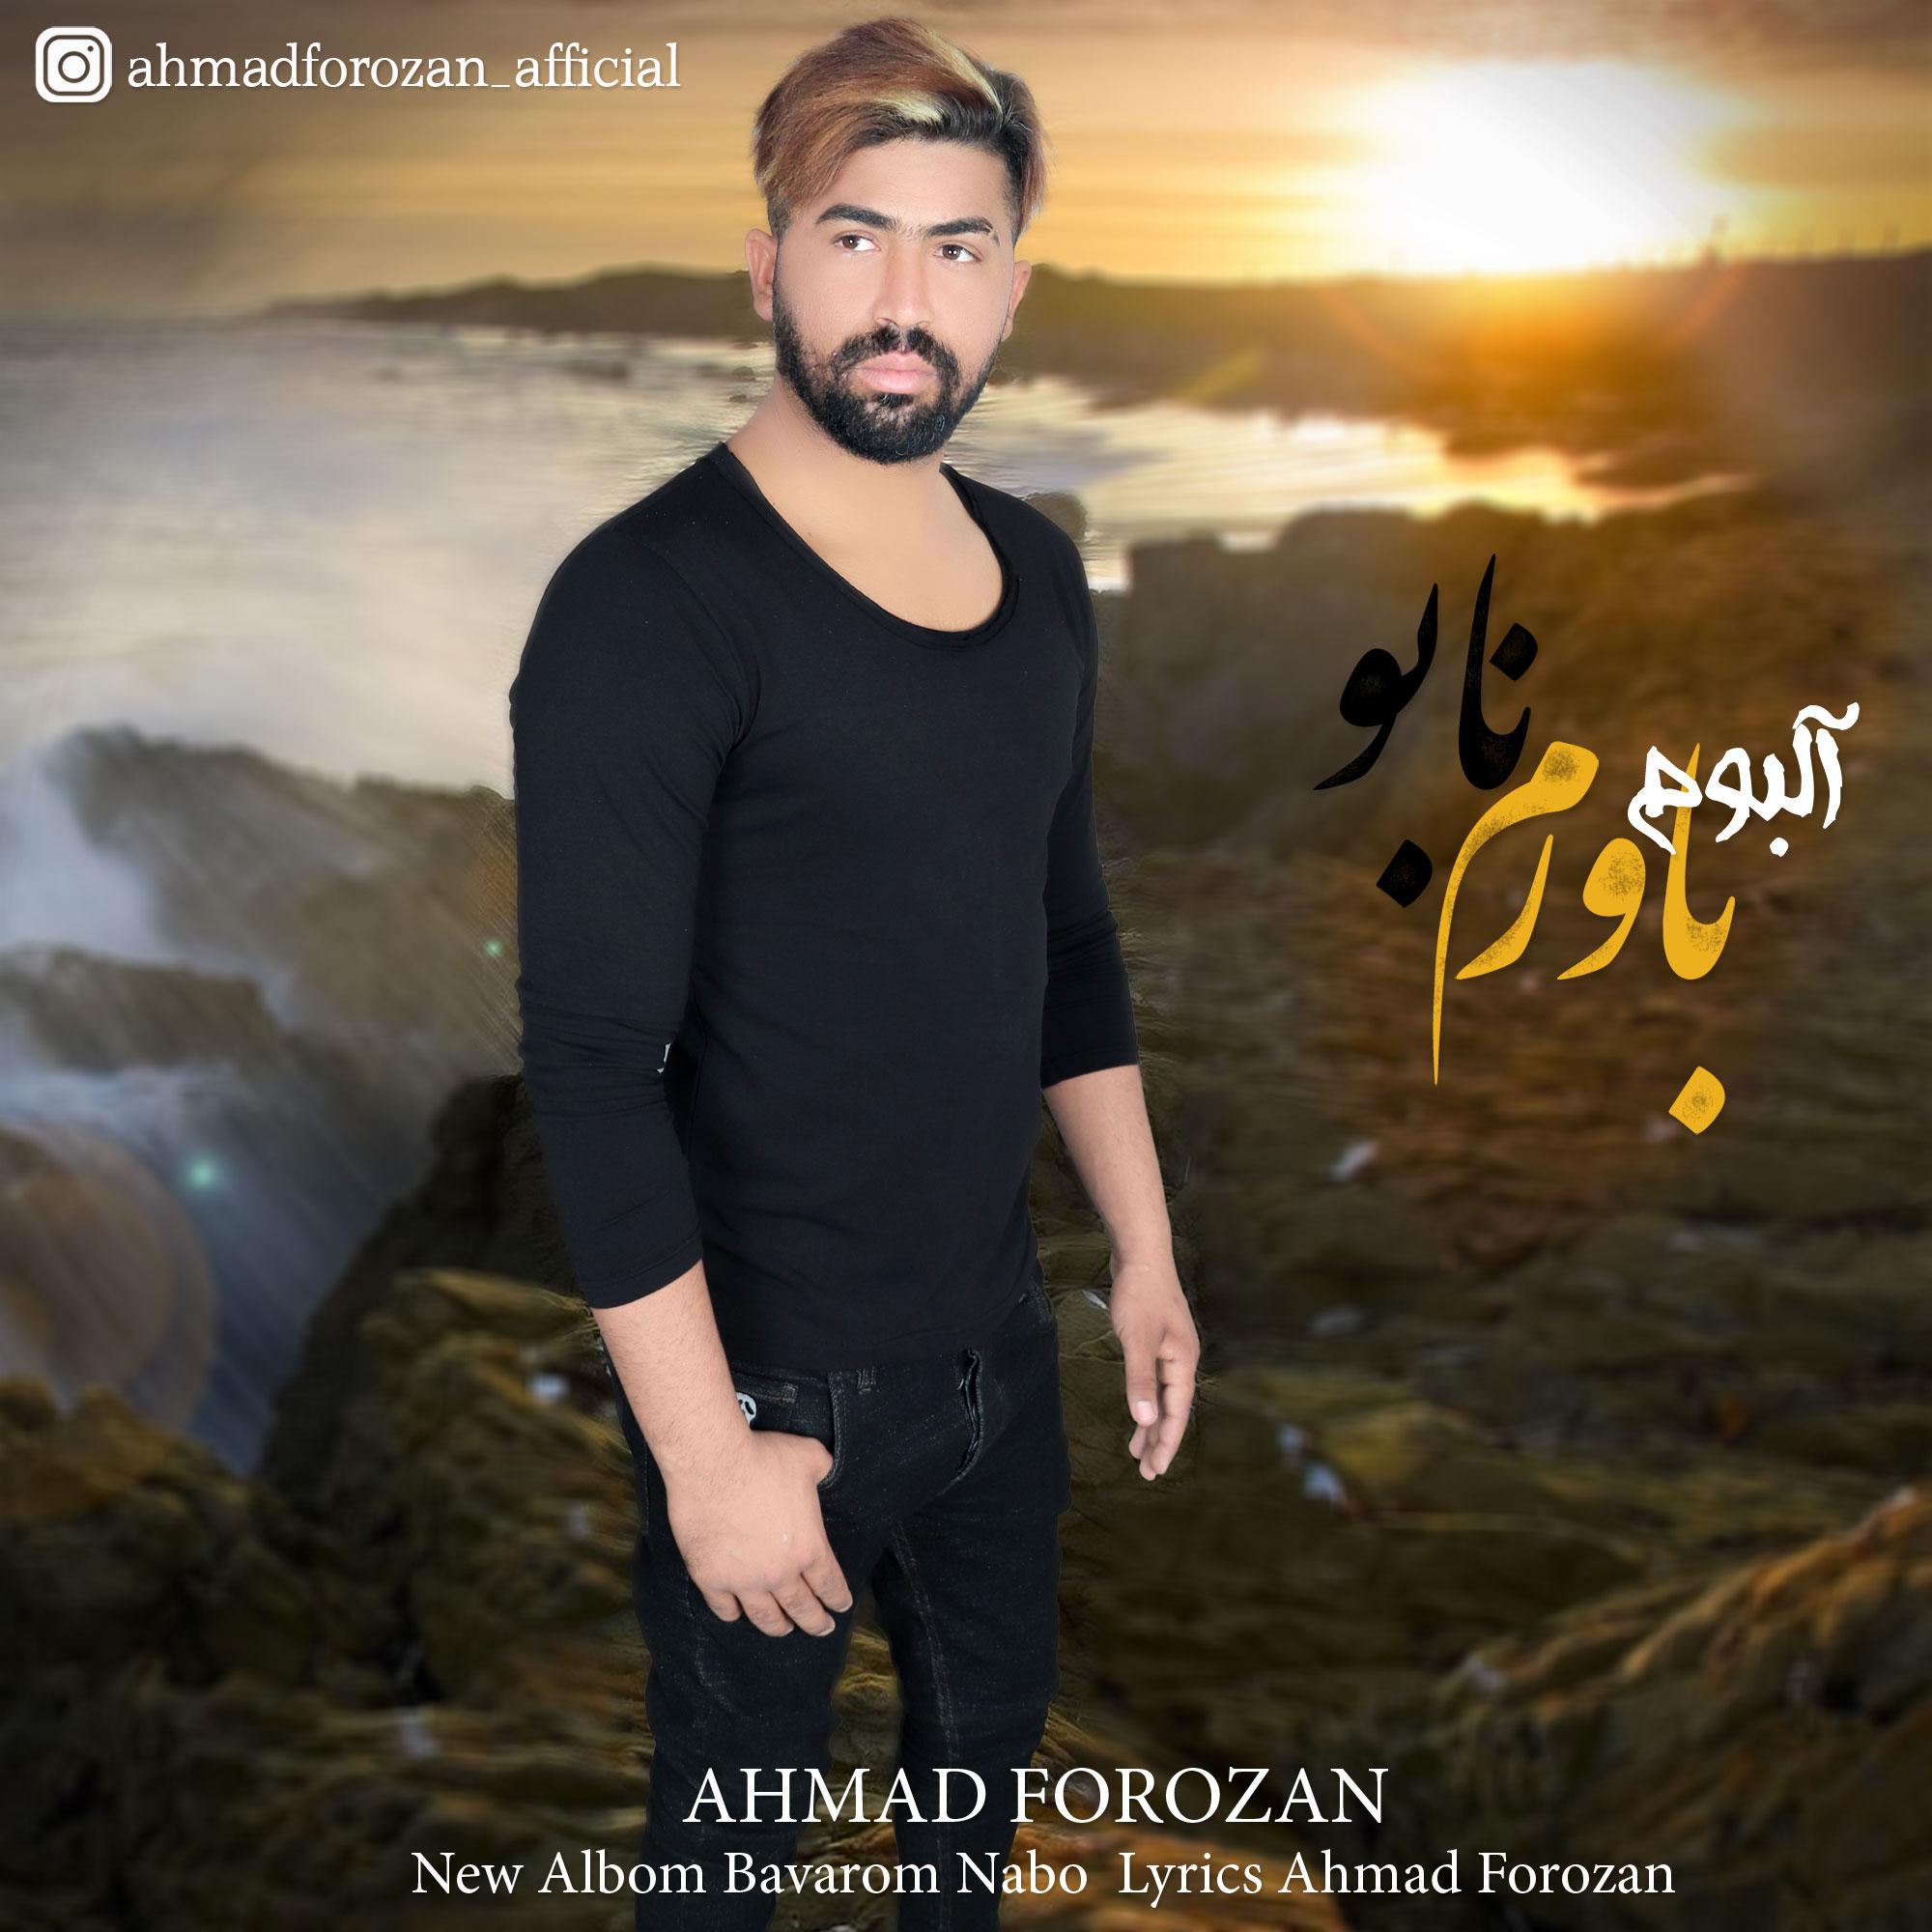 Ahmad Forozan – Albom Bavarom Nabo